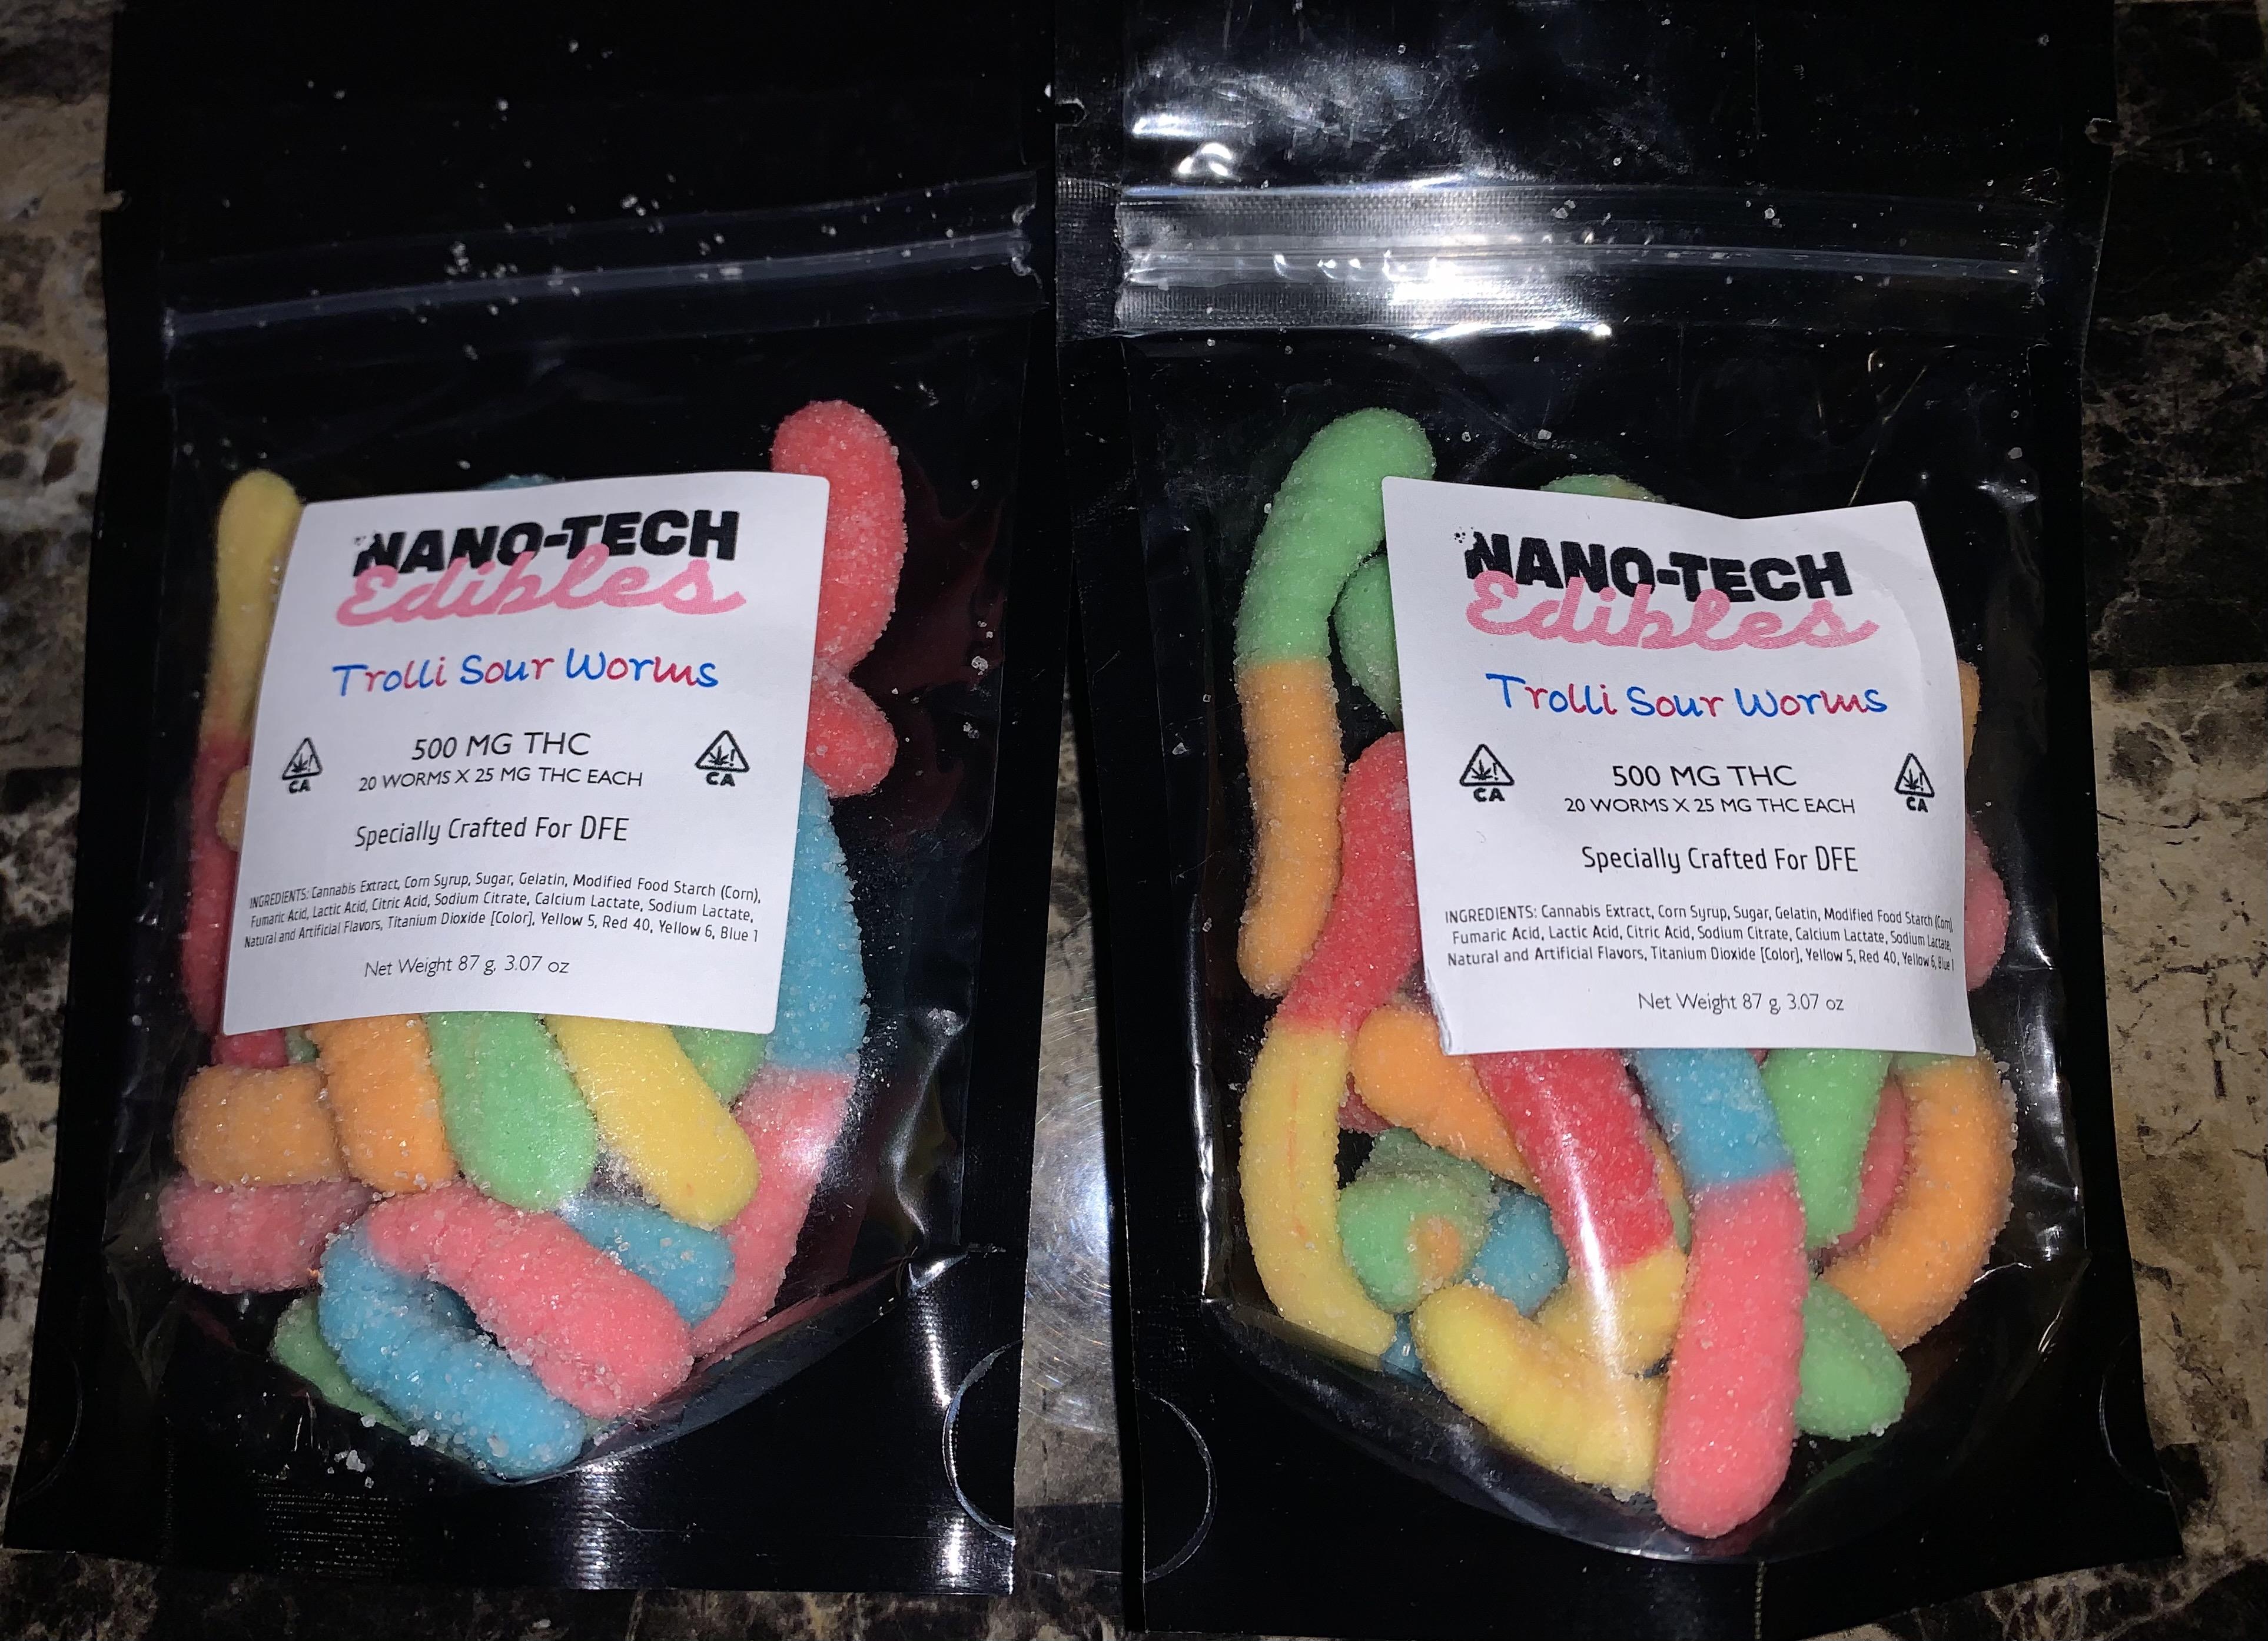 Nanotechnology Edibles:  Trolli Sour Worms